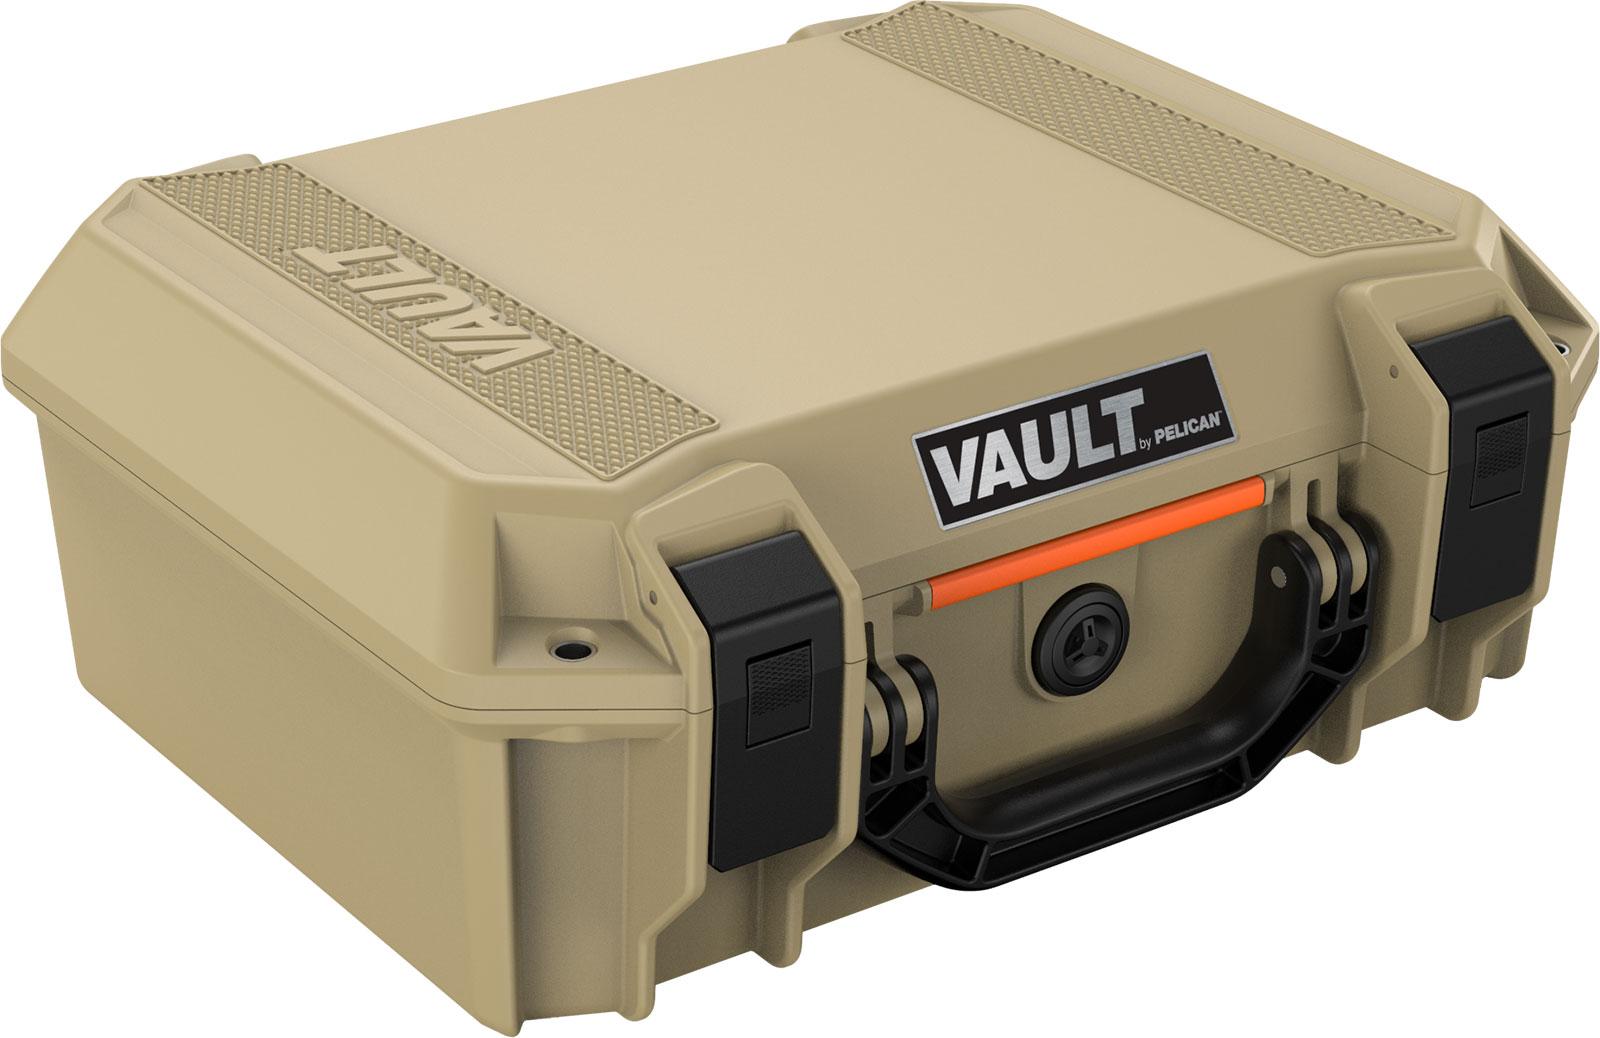 pelican vault v200 tan equipment case